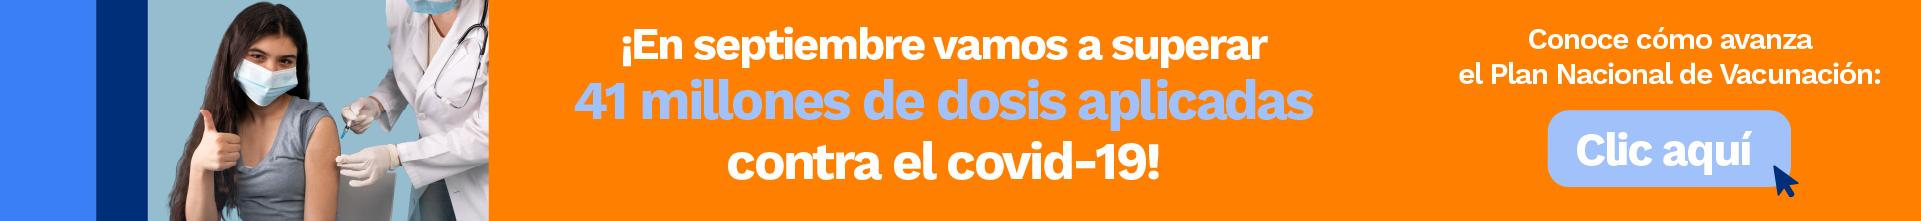 En septiembre vamos a superar 41 millones de dosis aplicada contra el covid-19